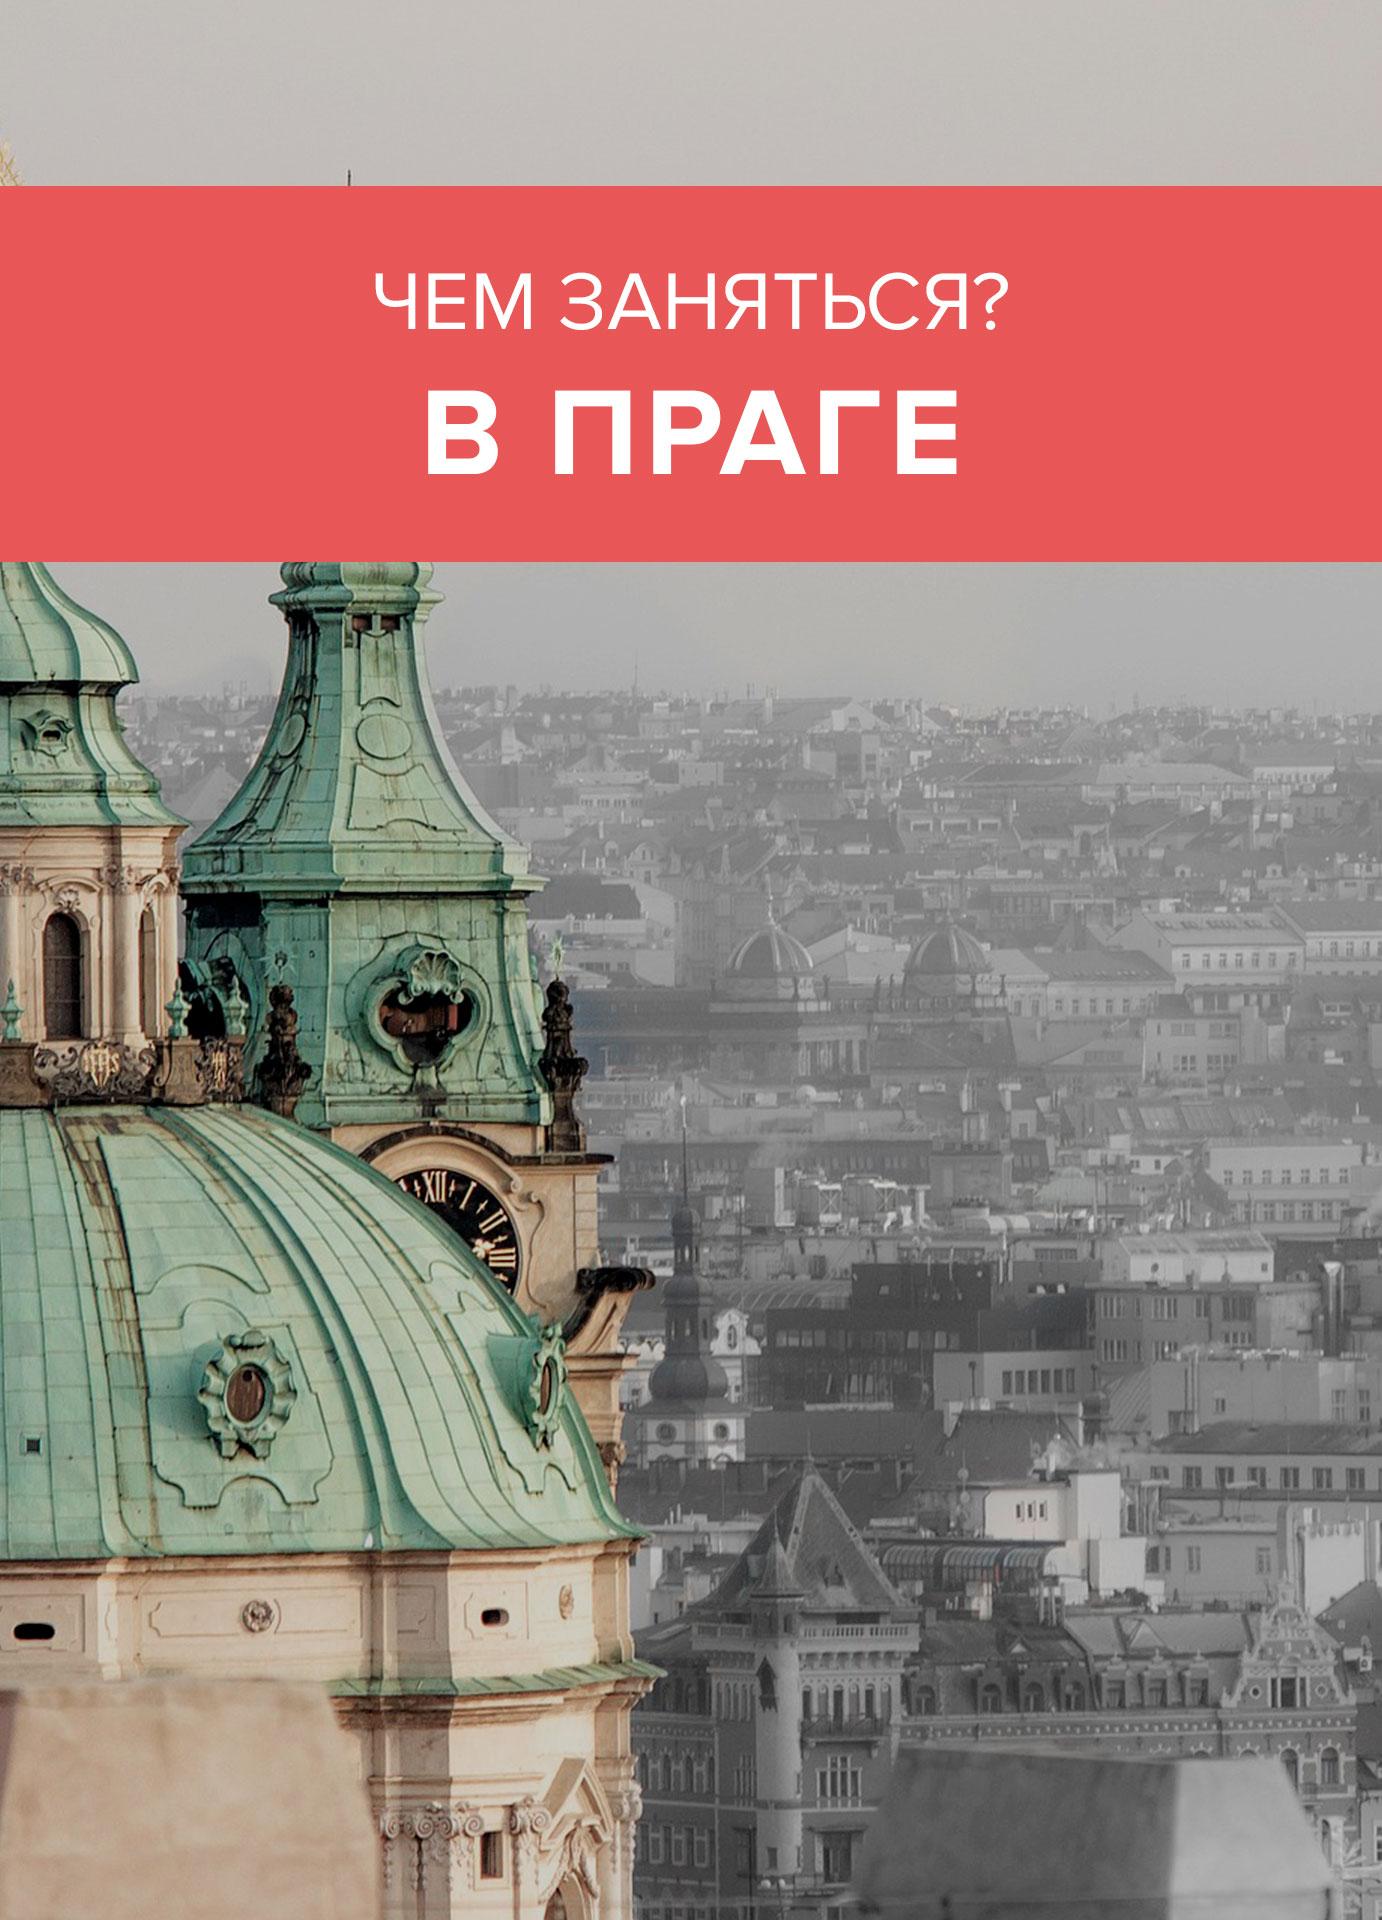 Чем заняться в Праге, Чехия